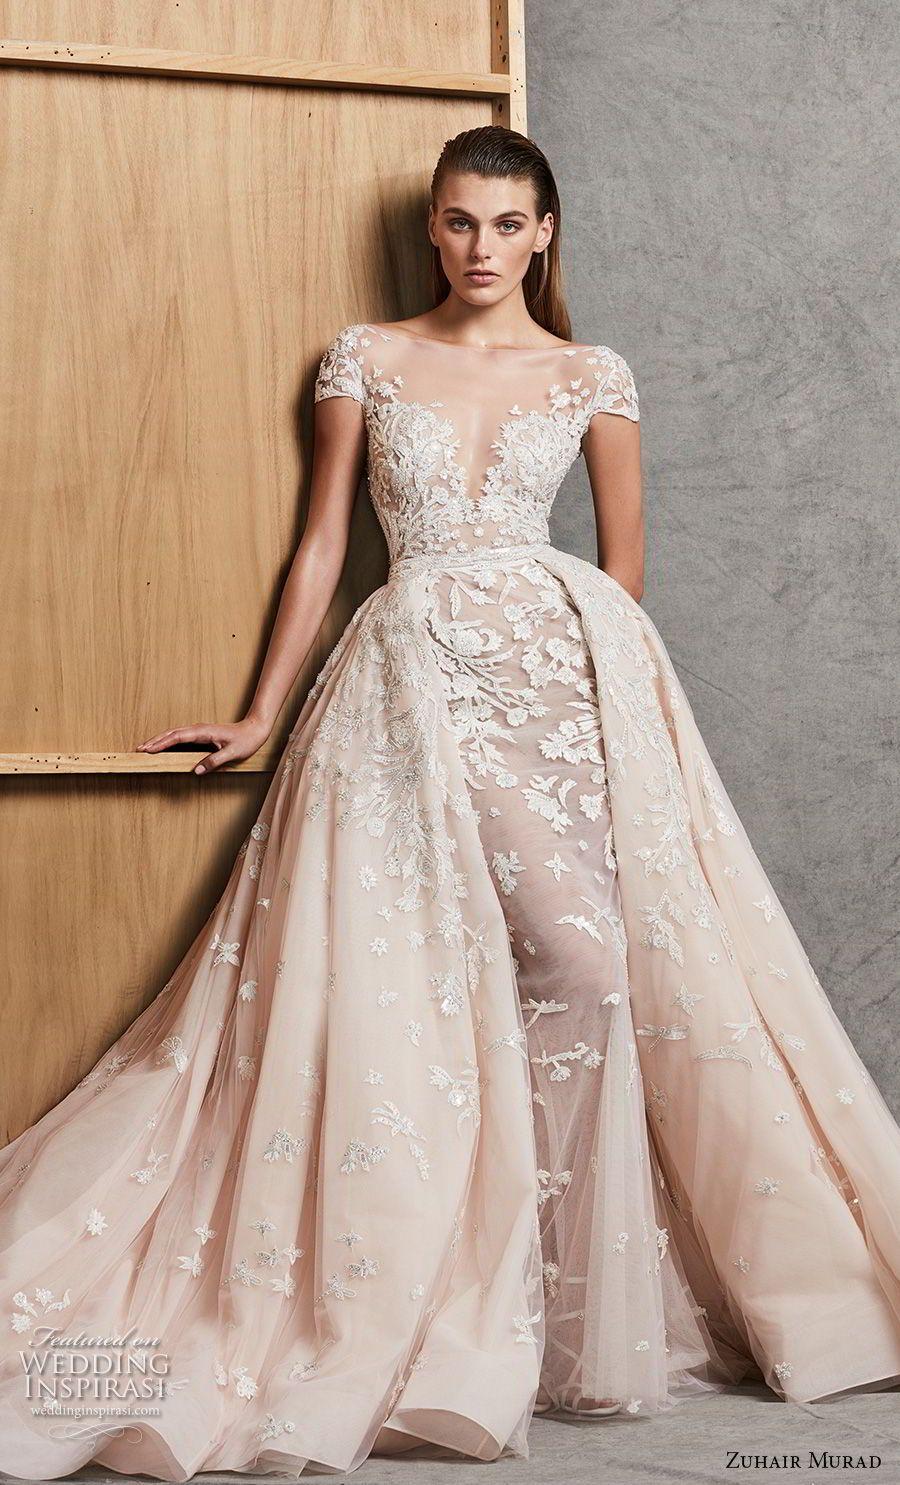 Zuhair Murad Fall 2018 Wedding Dresses Wedding Inspirasi Wedding Dresses Kleinfeld Wedding Dresses Zuhair Murad Zuhair Murad Bridal [ 1485 x 900 Pixel ]